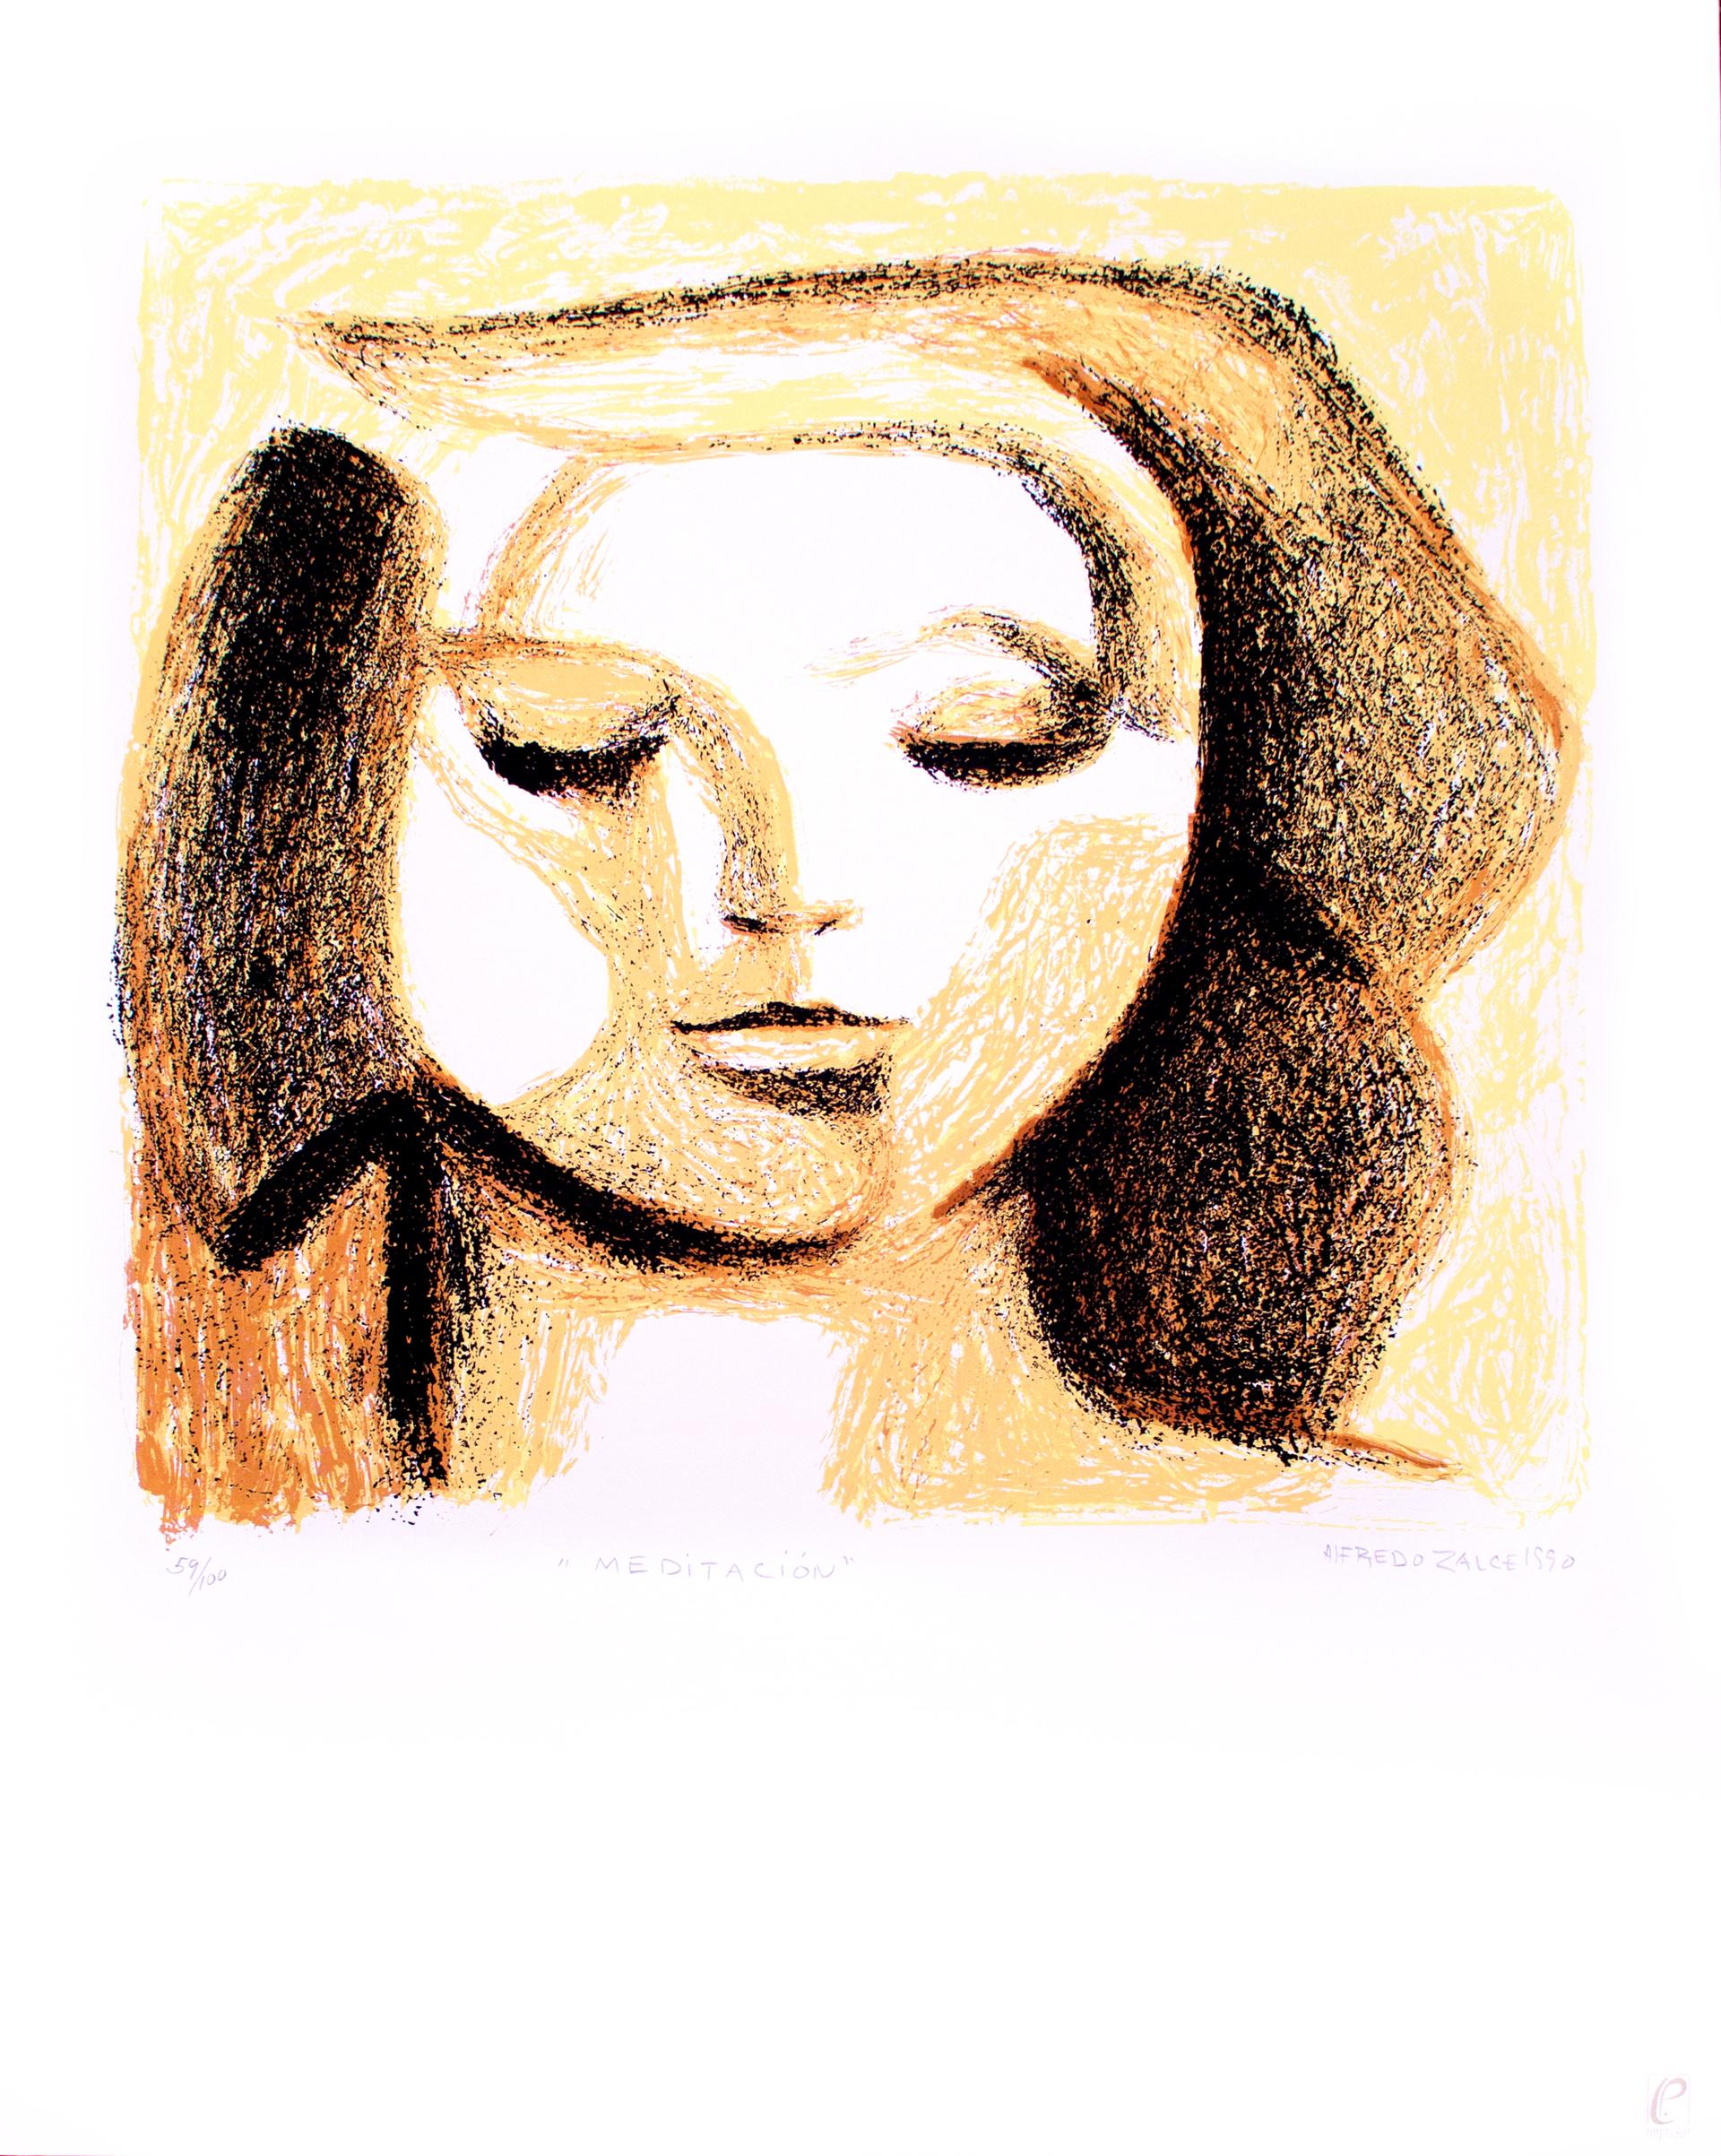 Meditación by Alfredo Zalce (1908 - 2003)